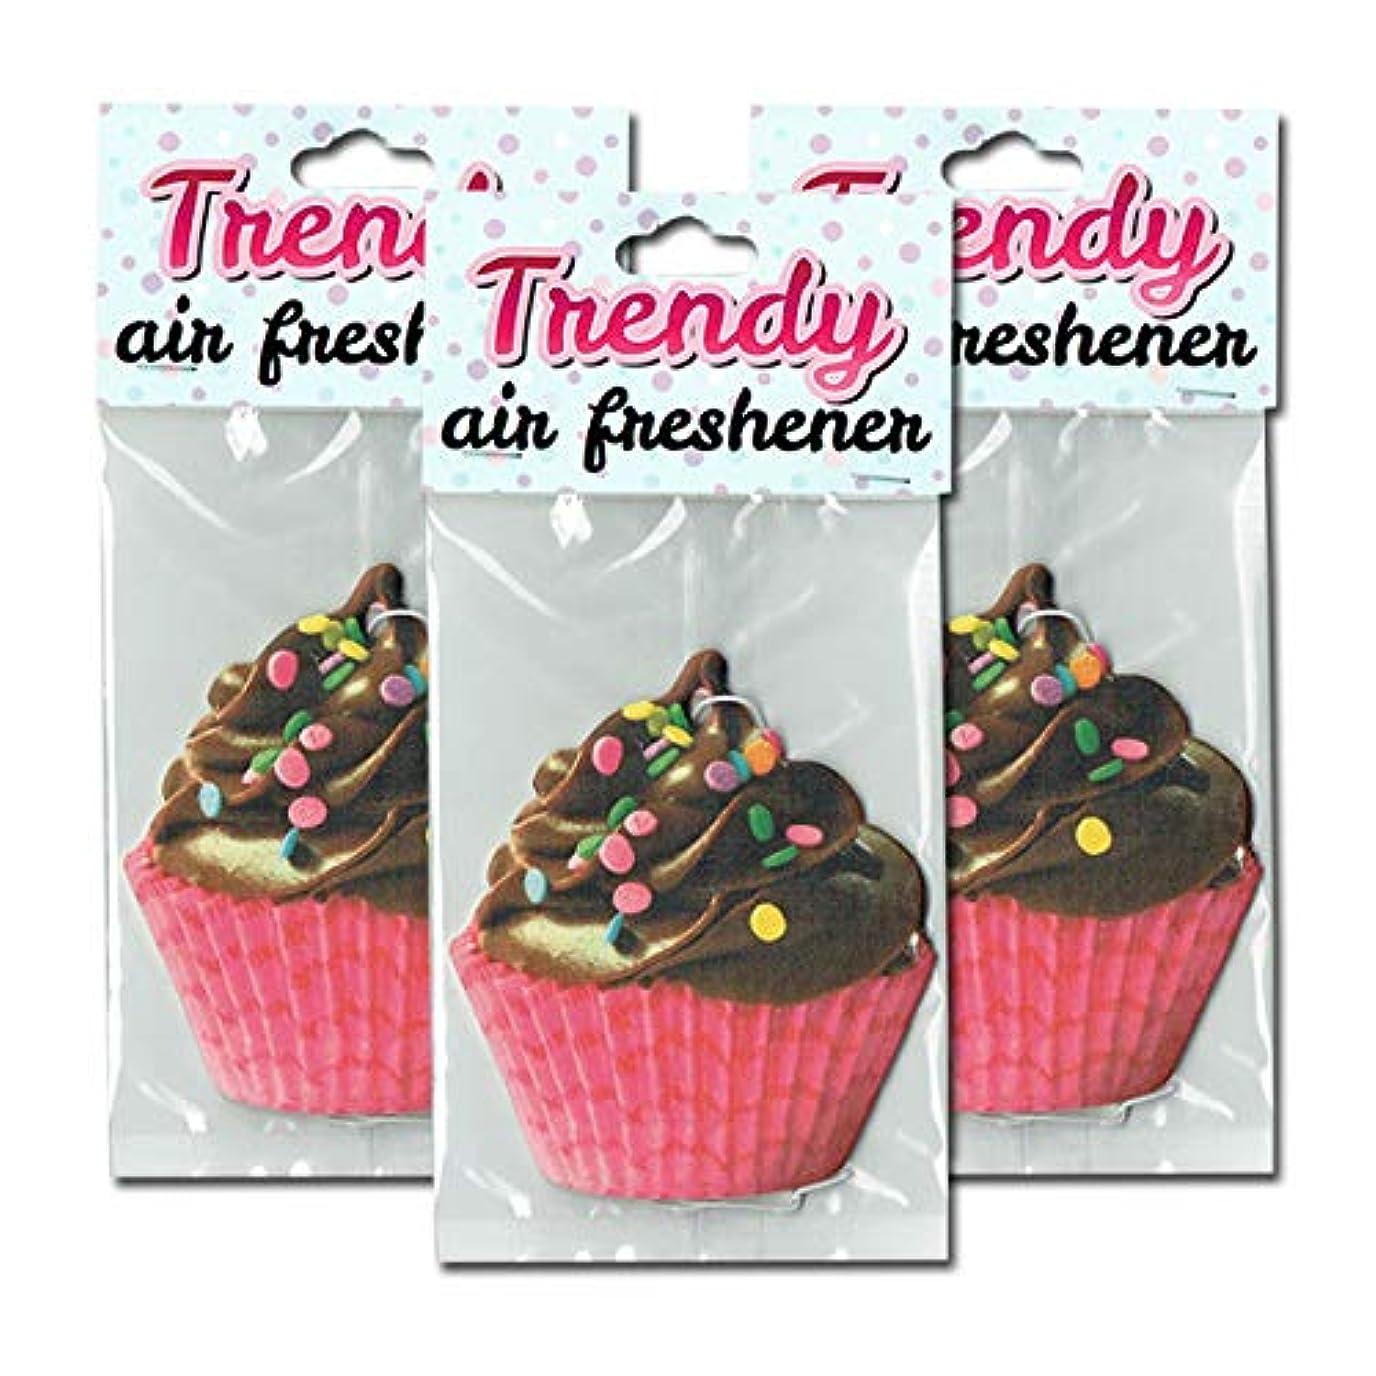 解説図書館マリンカップケーキ エアフレッシュナー 3枚セット【Chocolate Cup Cake Air Freshener】芳香剤 [並行輸入品]